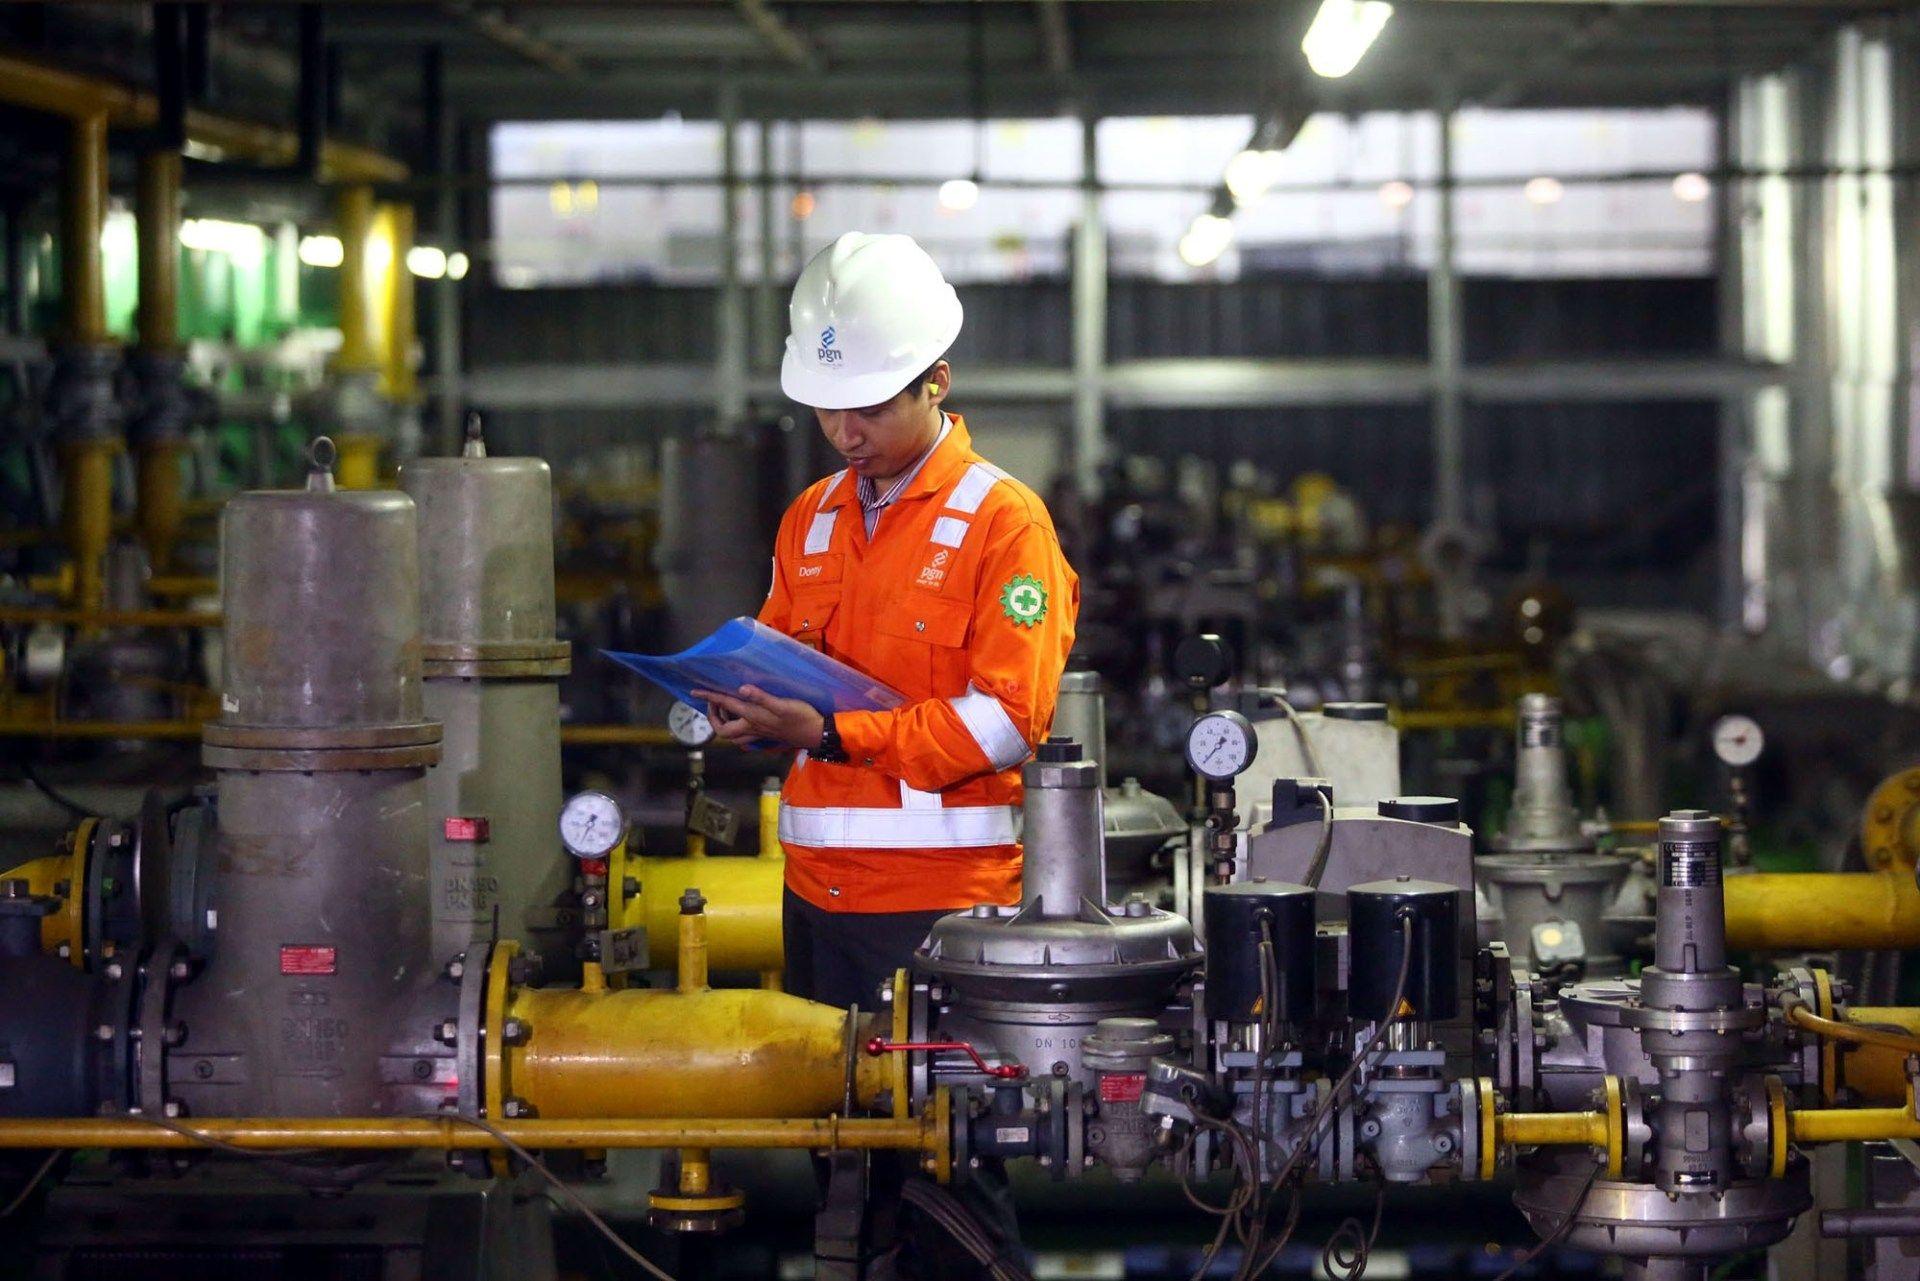 Industri Manufaktur Harap PPKM Lebih Akomodatif untuk Jangkau Kegiatan Operasional Pabrikan